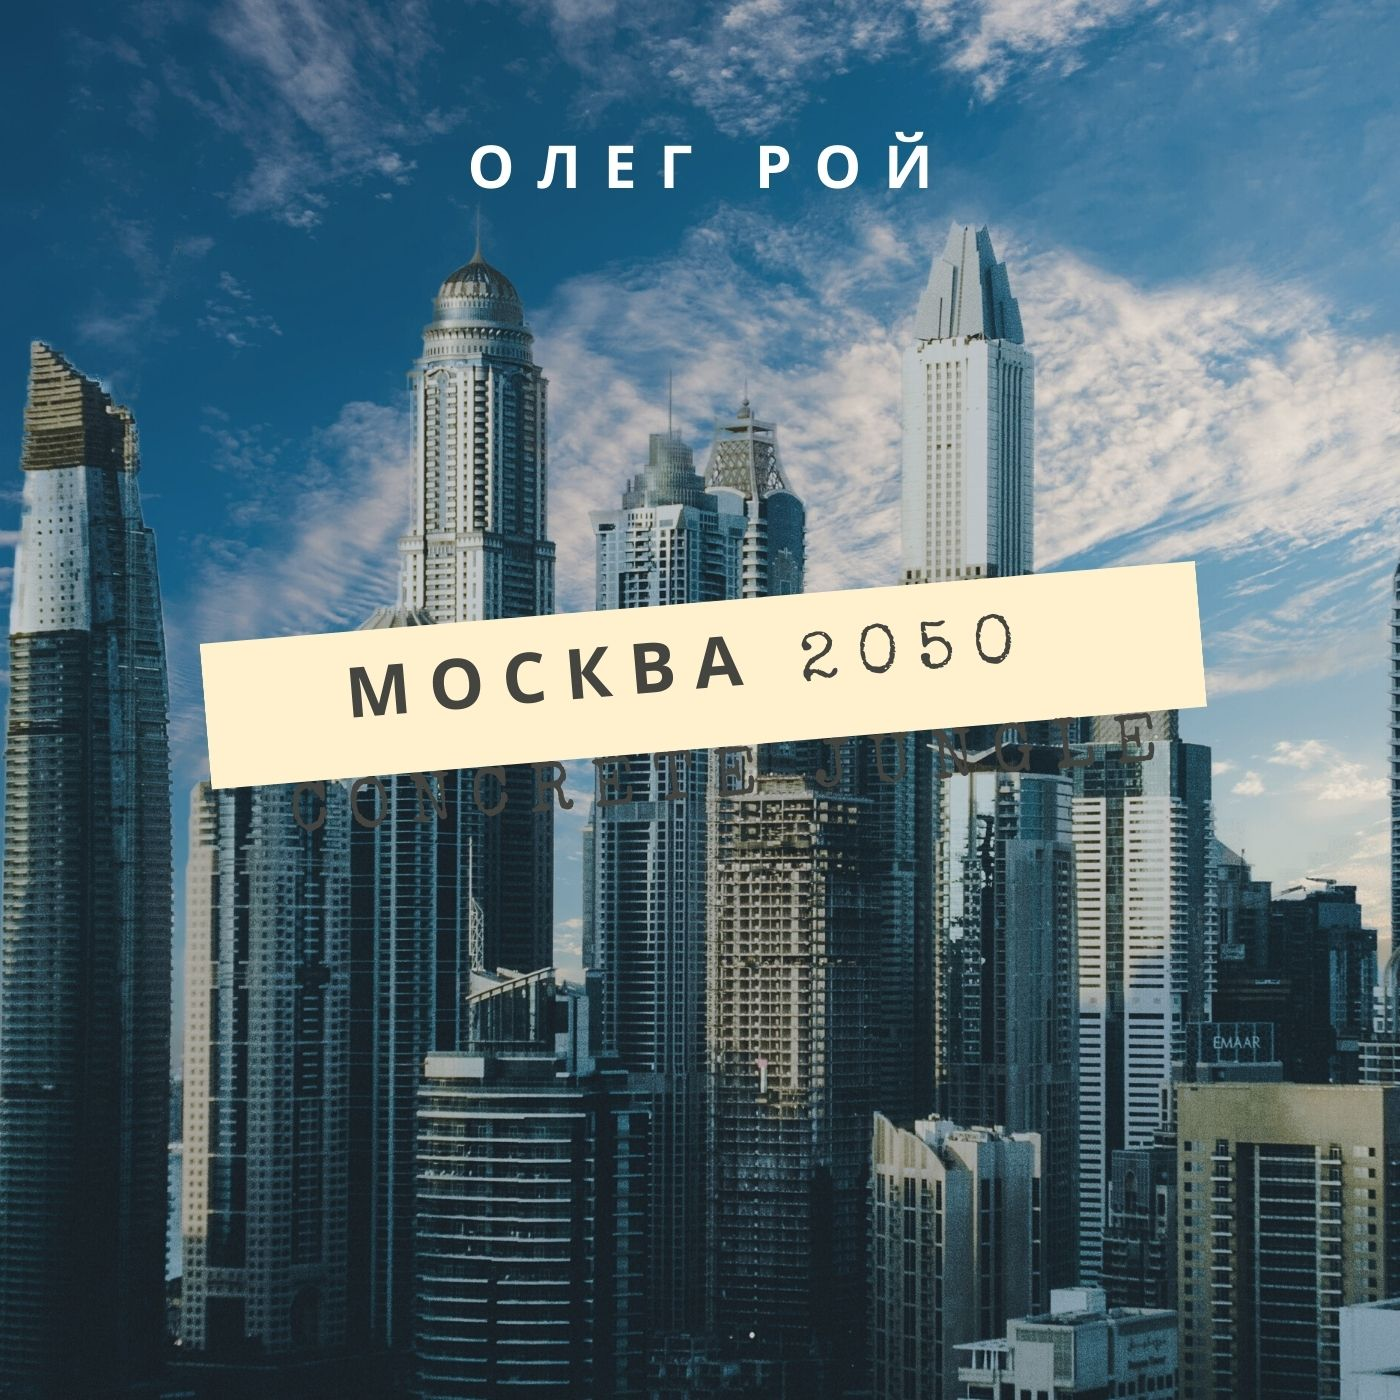 Москва 2050